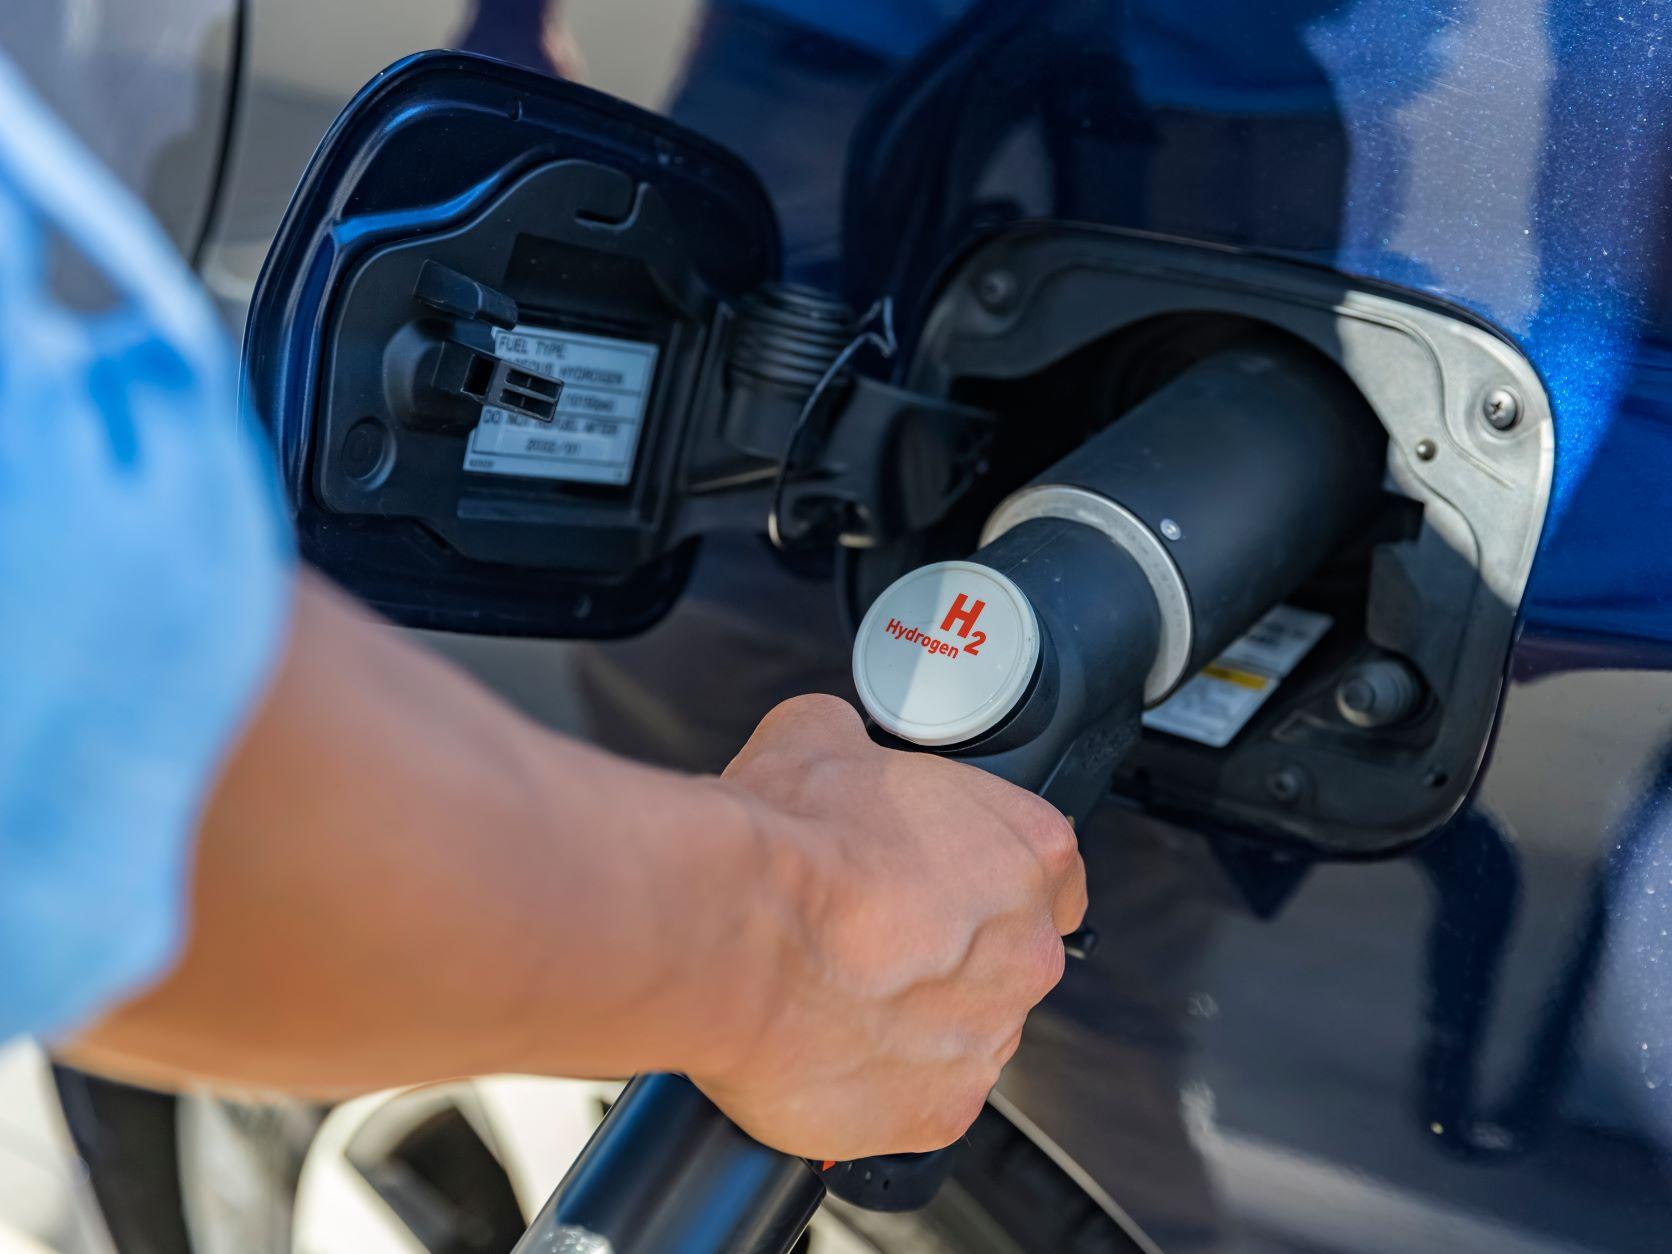 Hydrogen refuelling - hydrogen powered vehicles